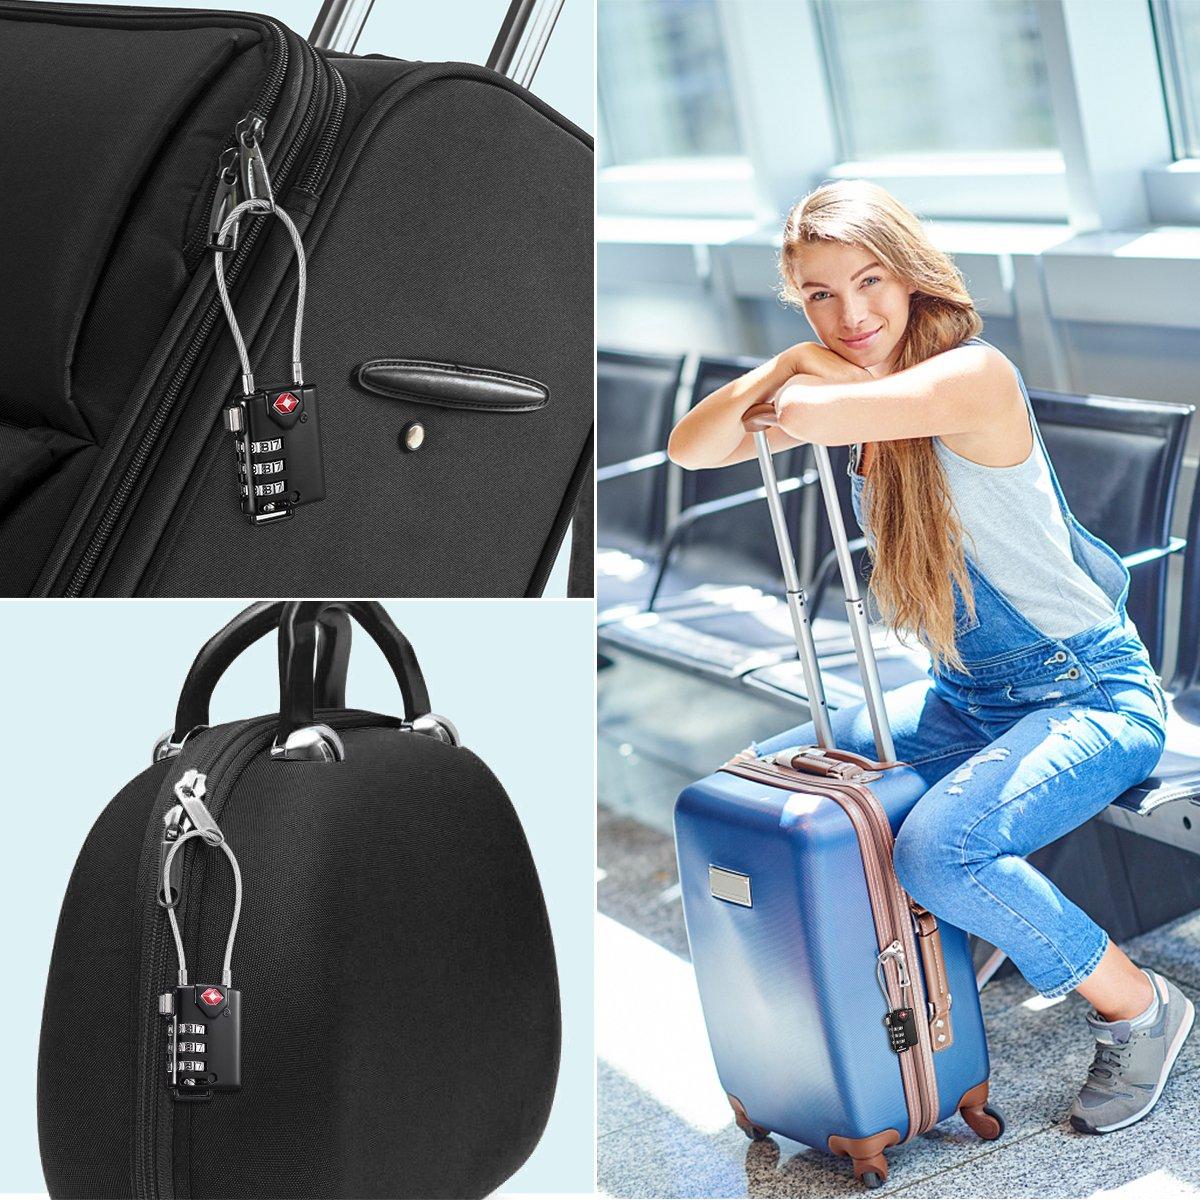 KeeKit TSA Approved Luggage Locks, 3 Digit Combination Lock, TSA Luggage Lock, Cable Lock for Travel, Suitcase, Baggage & Backpack, Gym Locker (Black, 2 Pack) by KeeKit (Image #7)